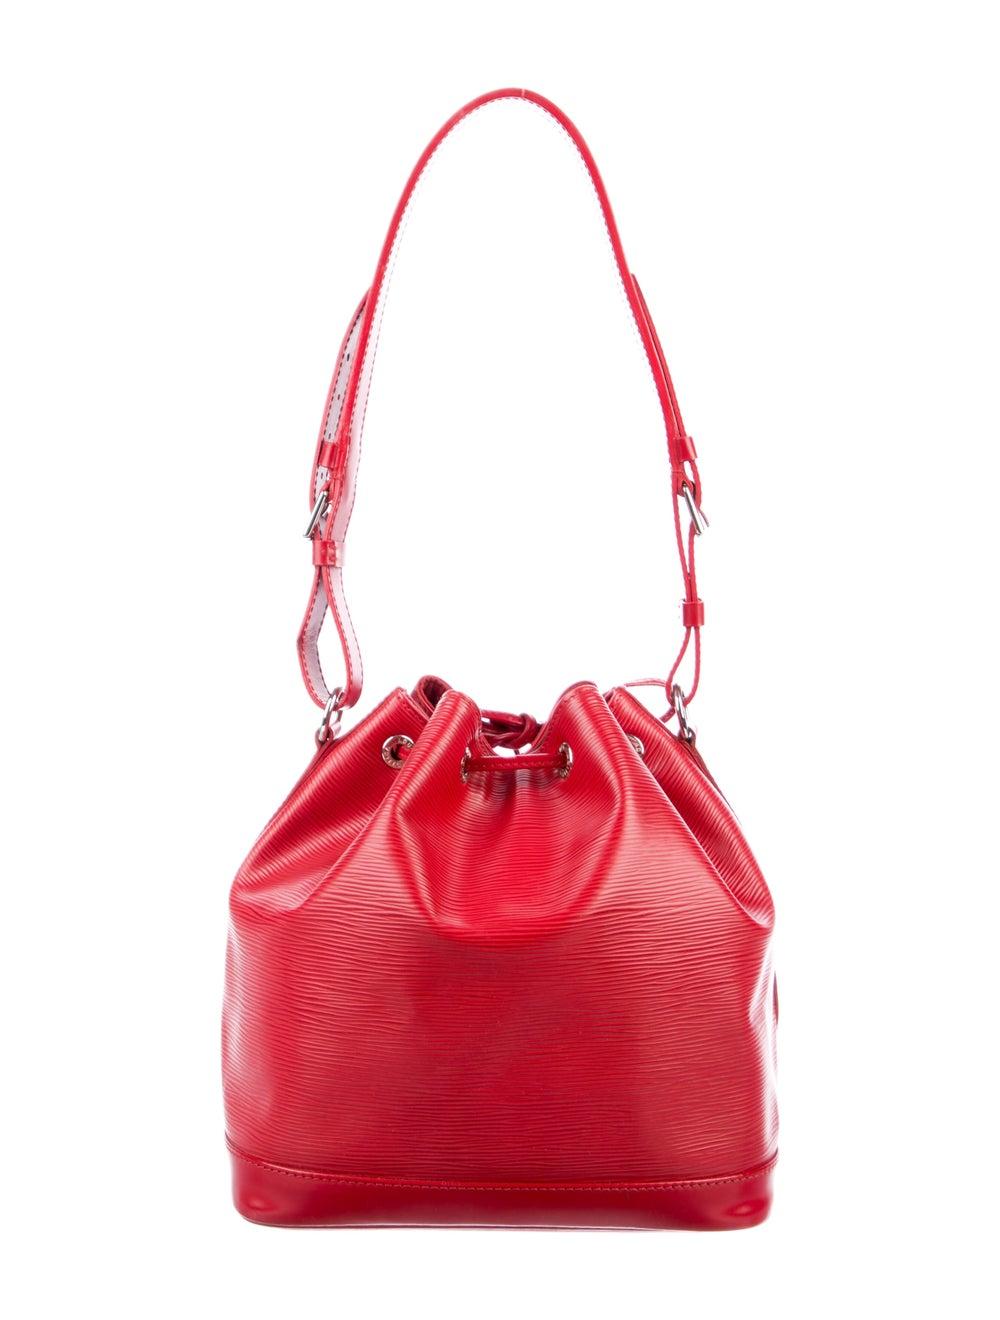 Louis Vuitton Epi Noé Red - image 4